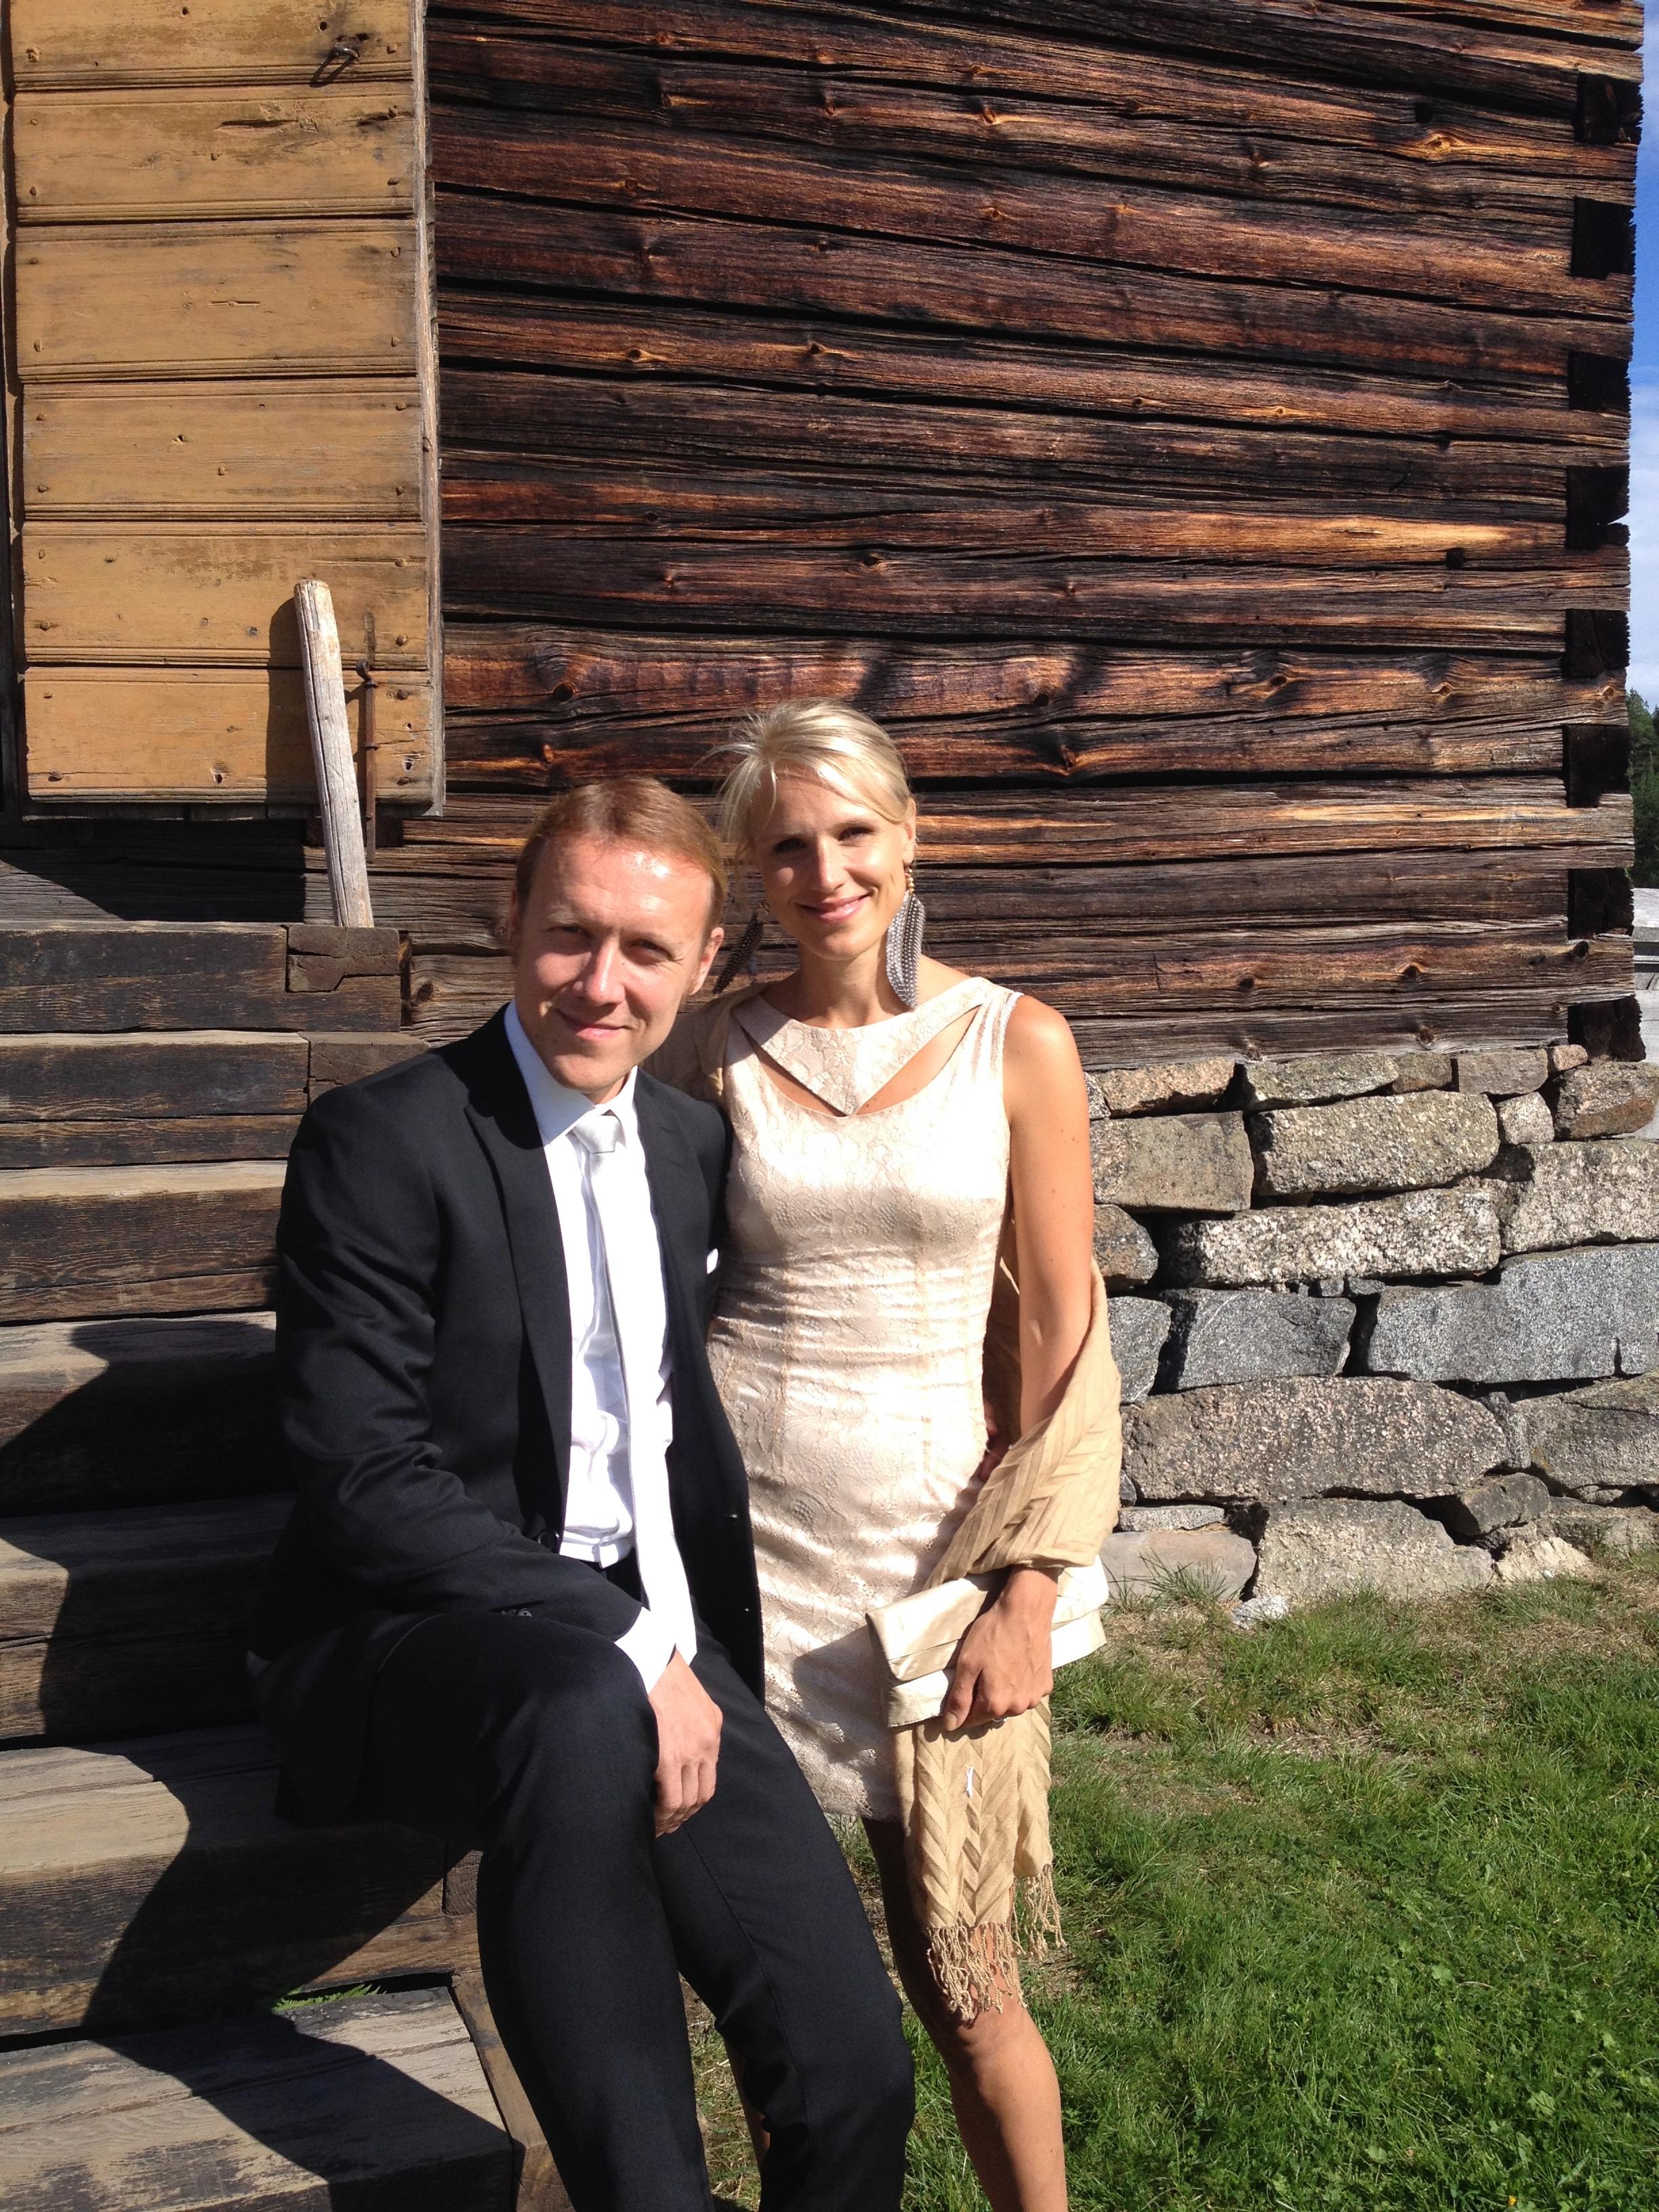 Rakkautta todistamassa/ At a wedding